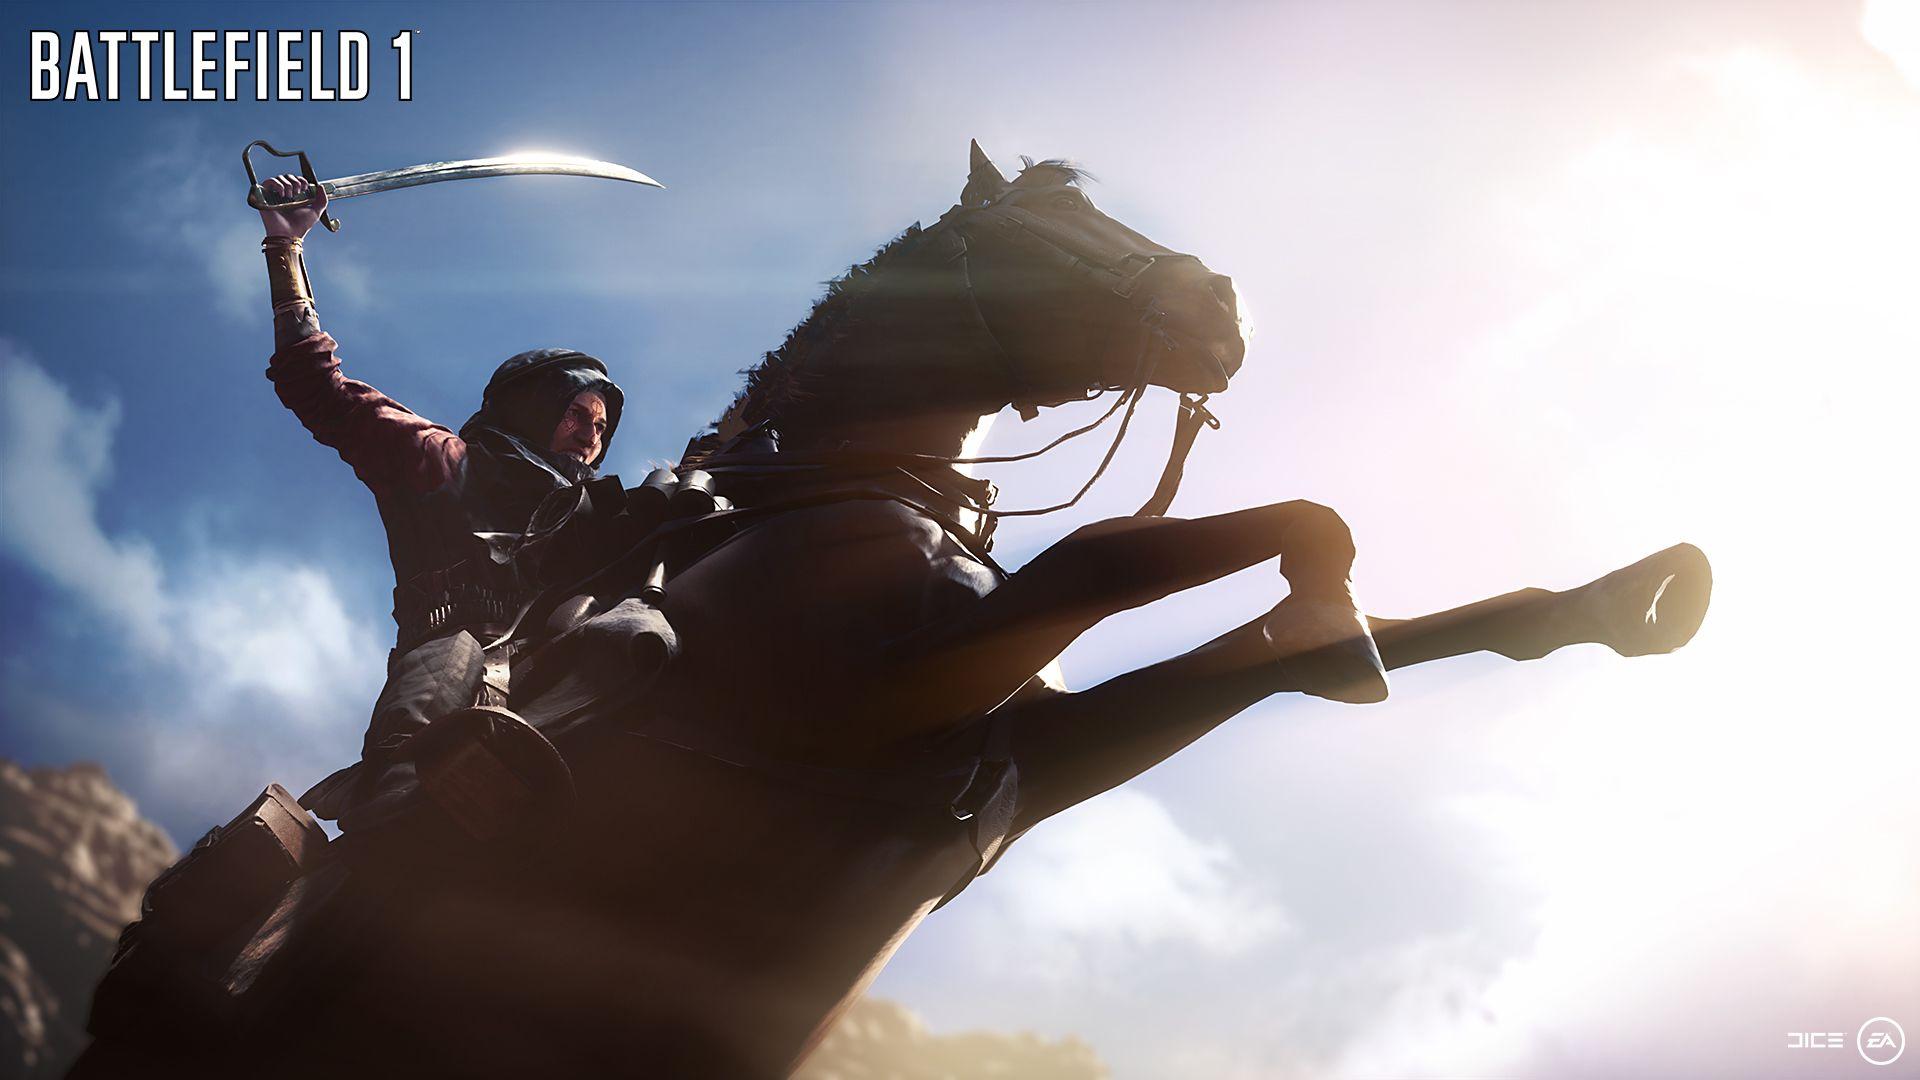 تریلر معرفی Battlefield 1 رتبه اول بیشترین لایکها در یوتیوب را دریافت کرده است